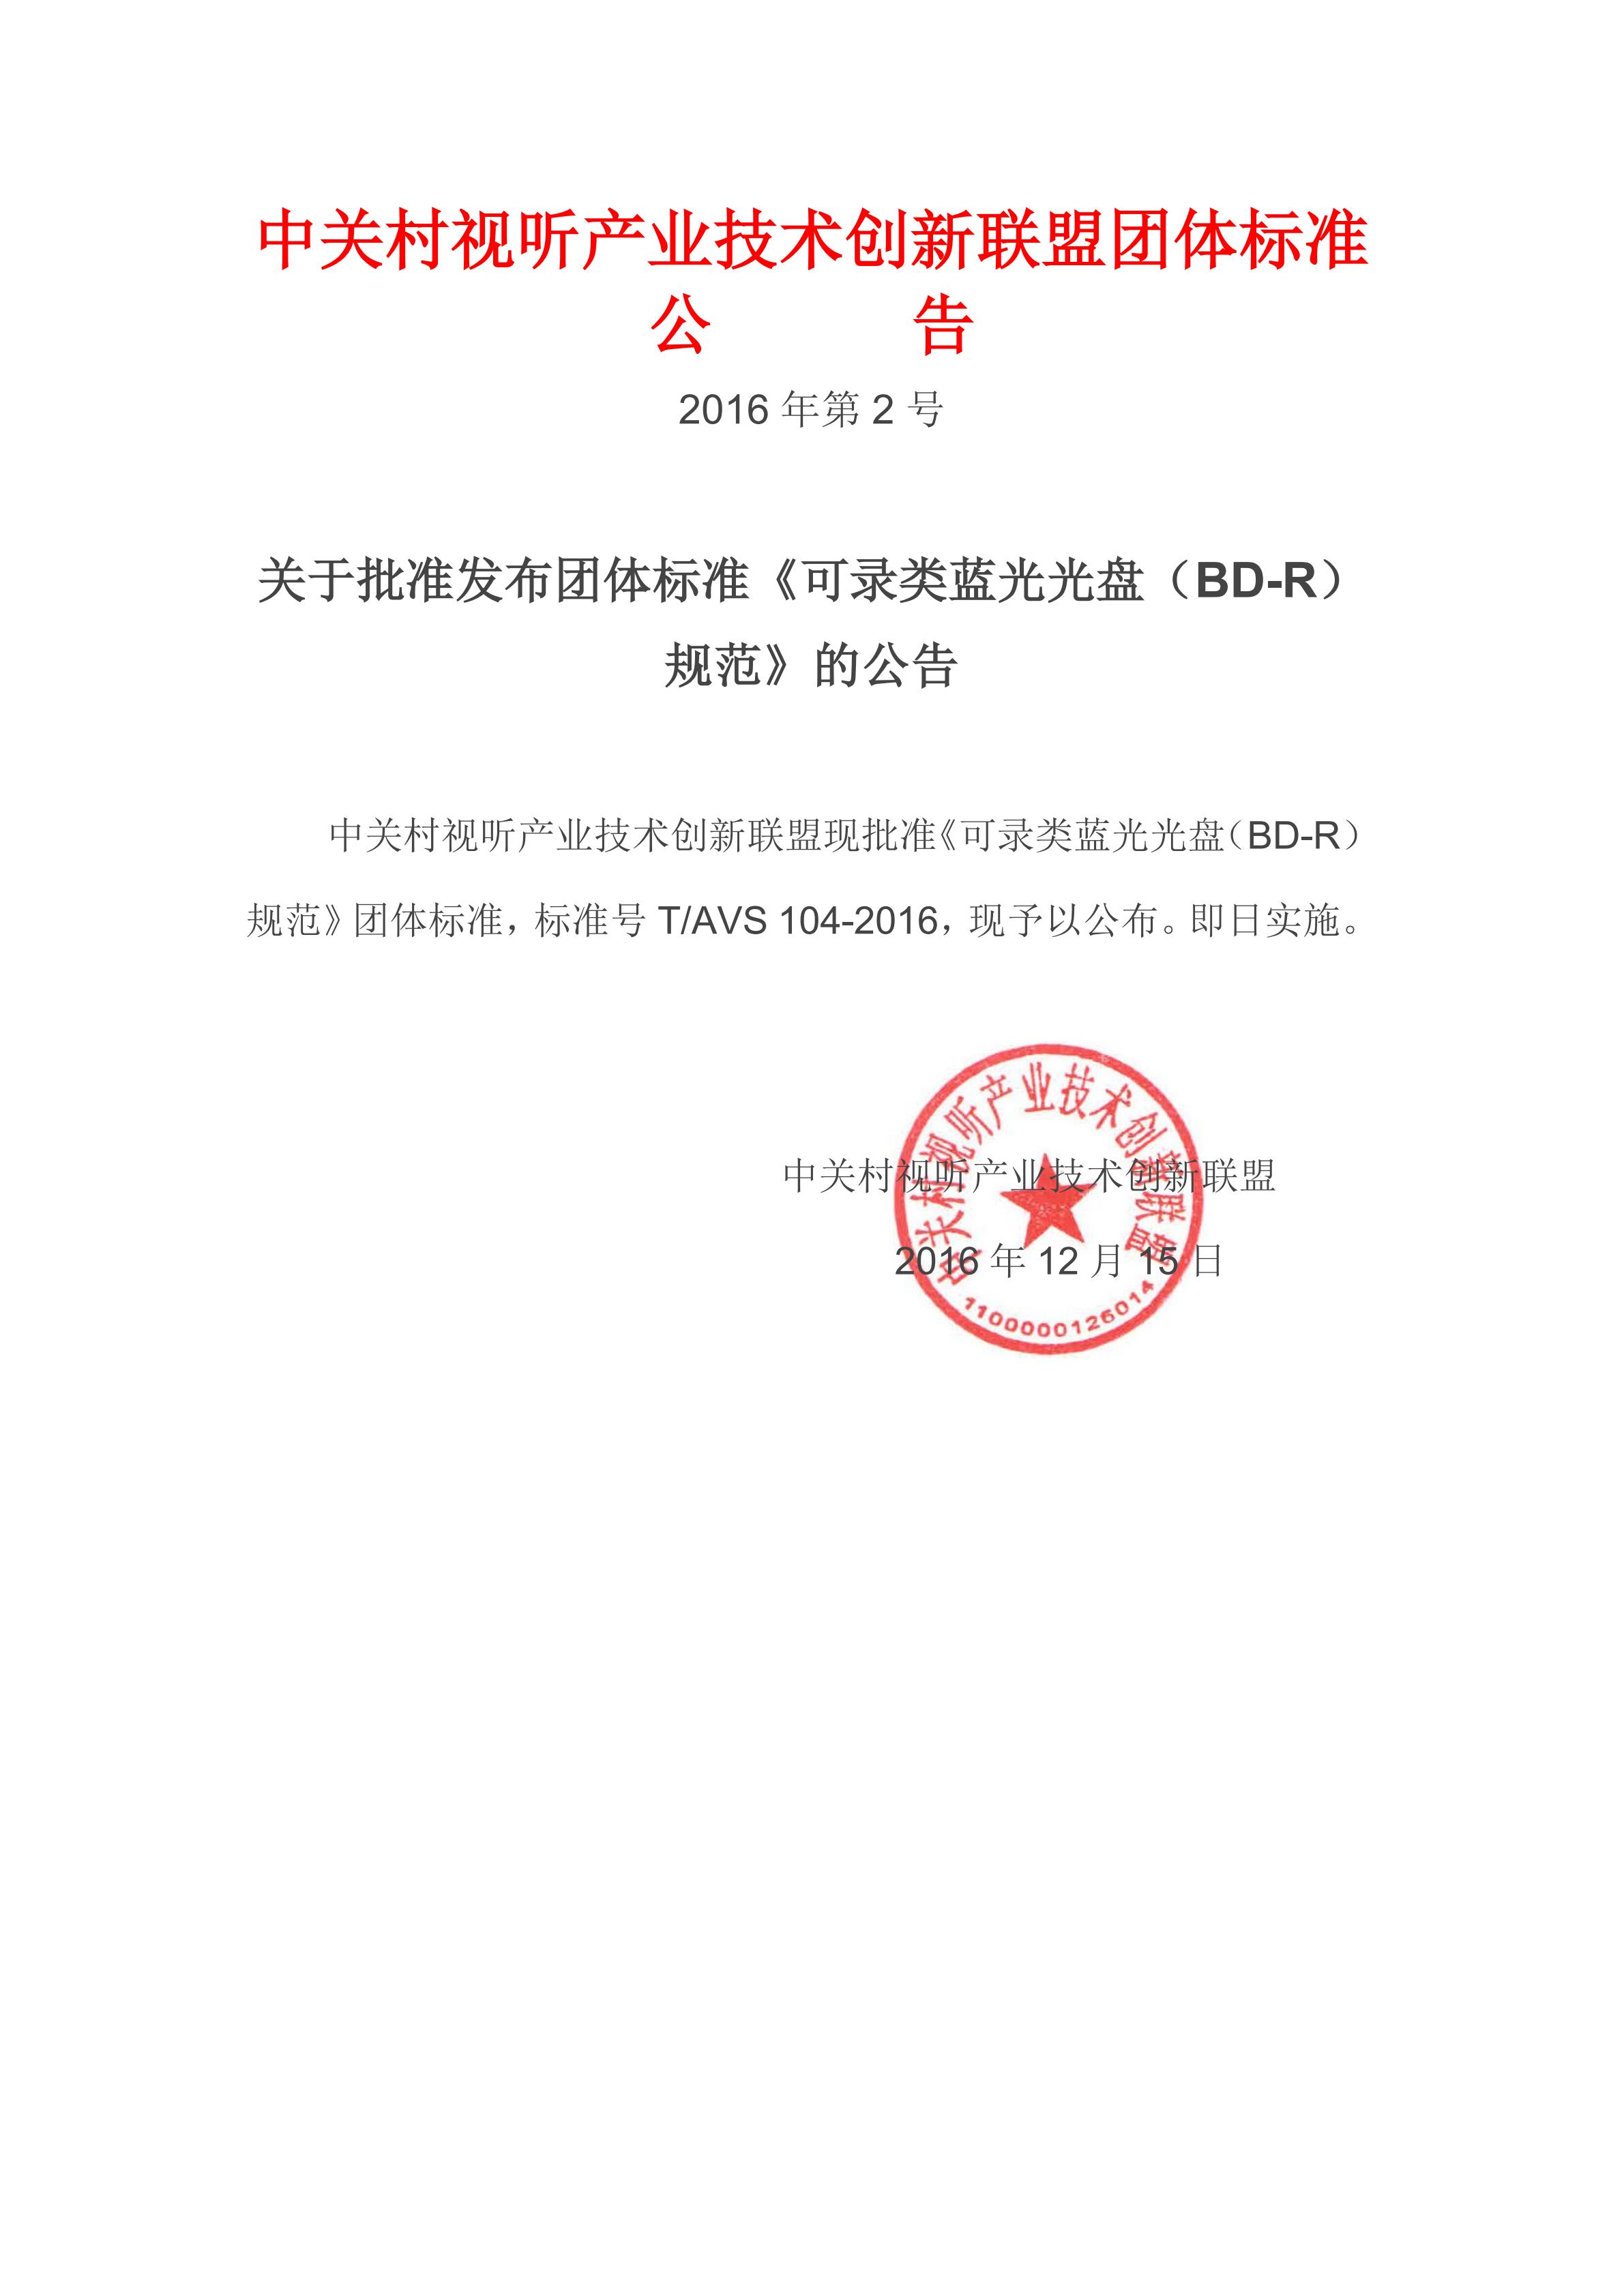 4.2016团体标准发布公告-可录类蓝光光盘(BD-R)规范_00.png